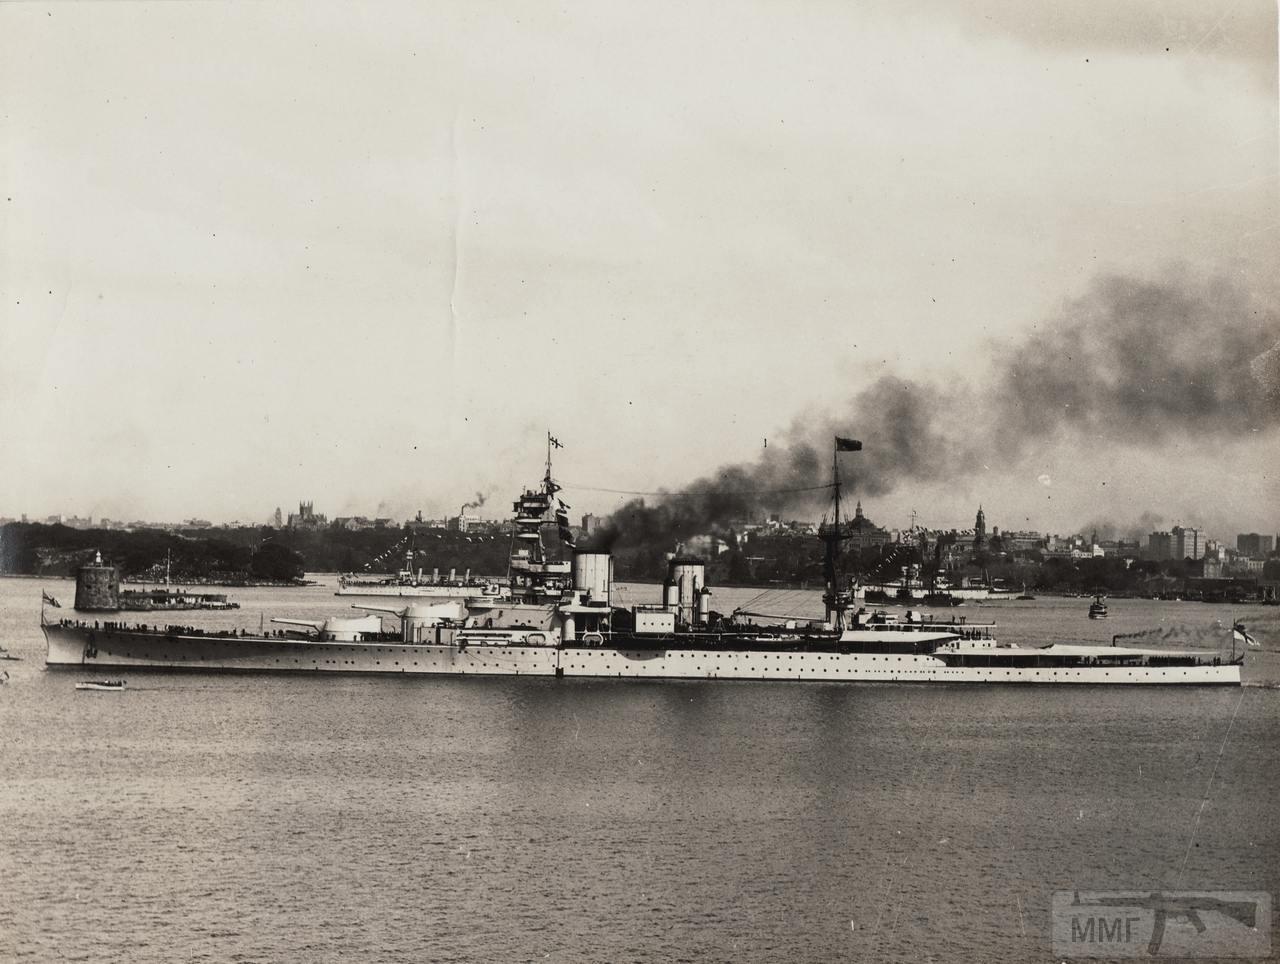 98179 - HMS Renown